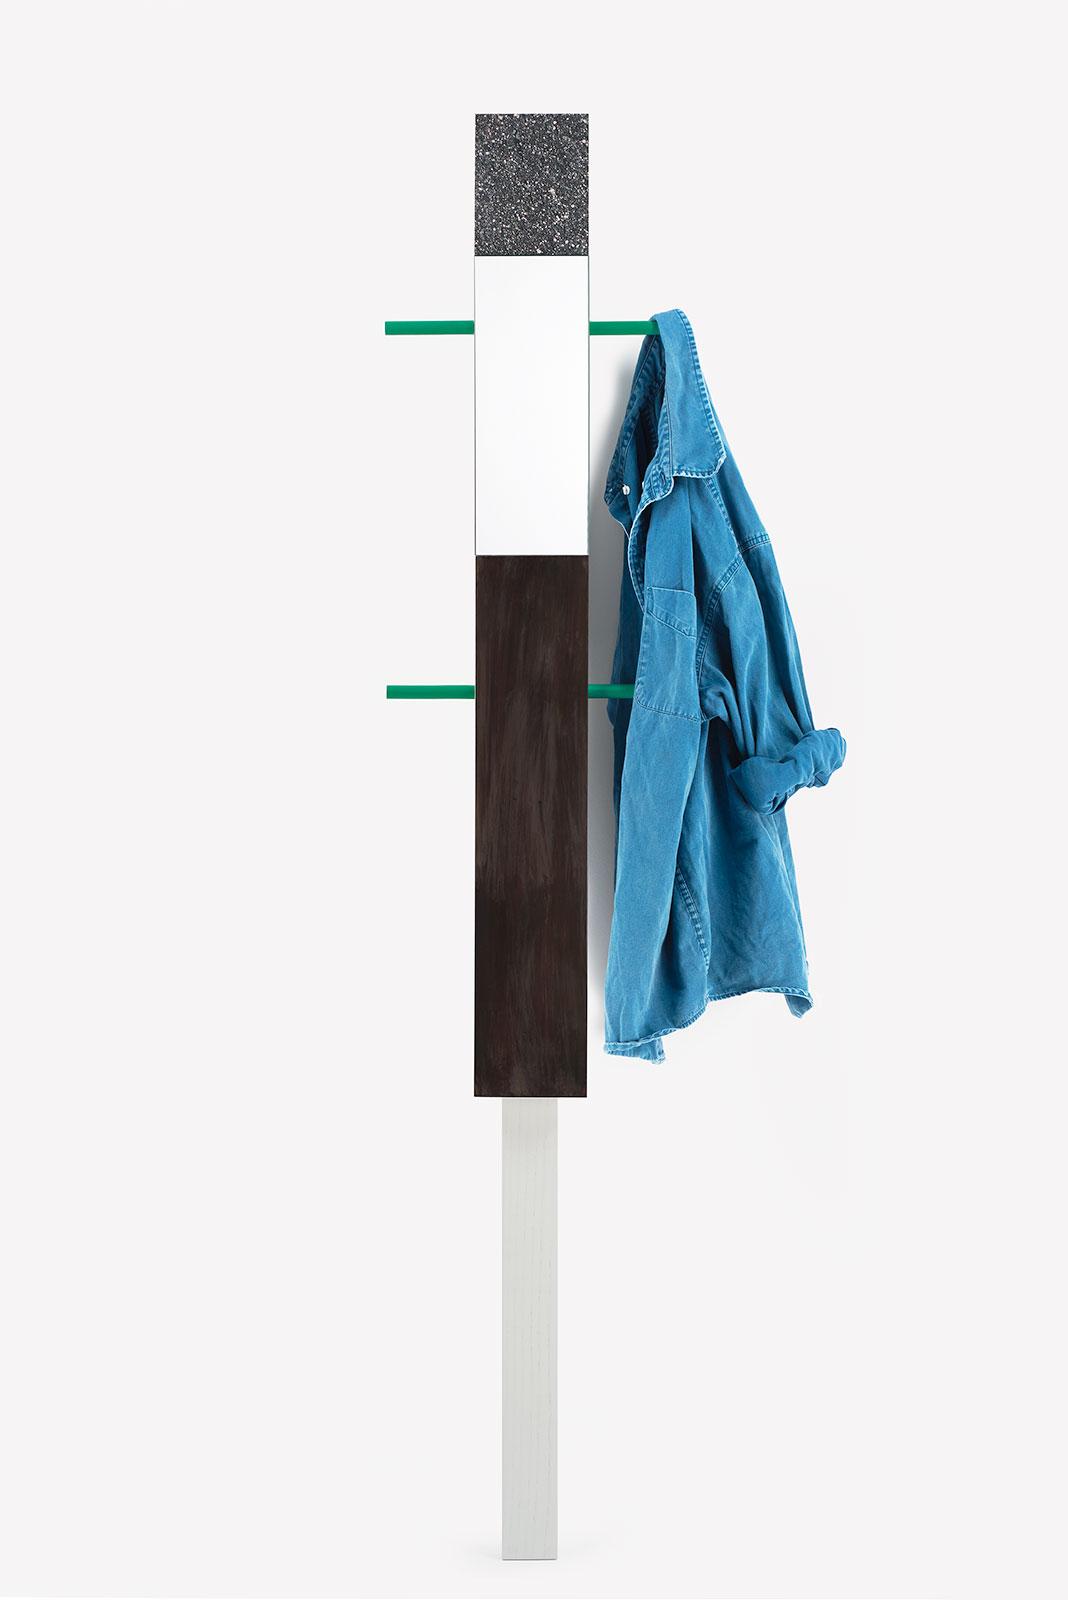 Periscope-coat-rack-zoe-mowat-02.jpg